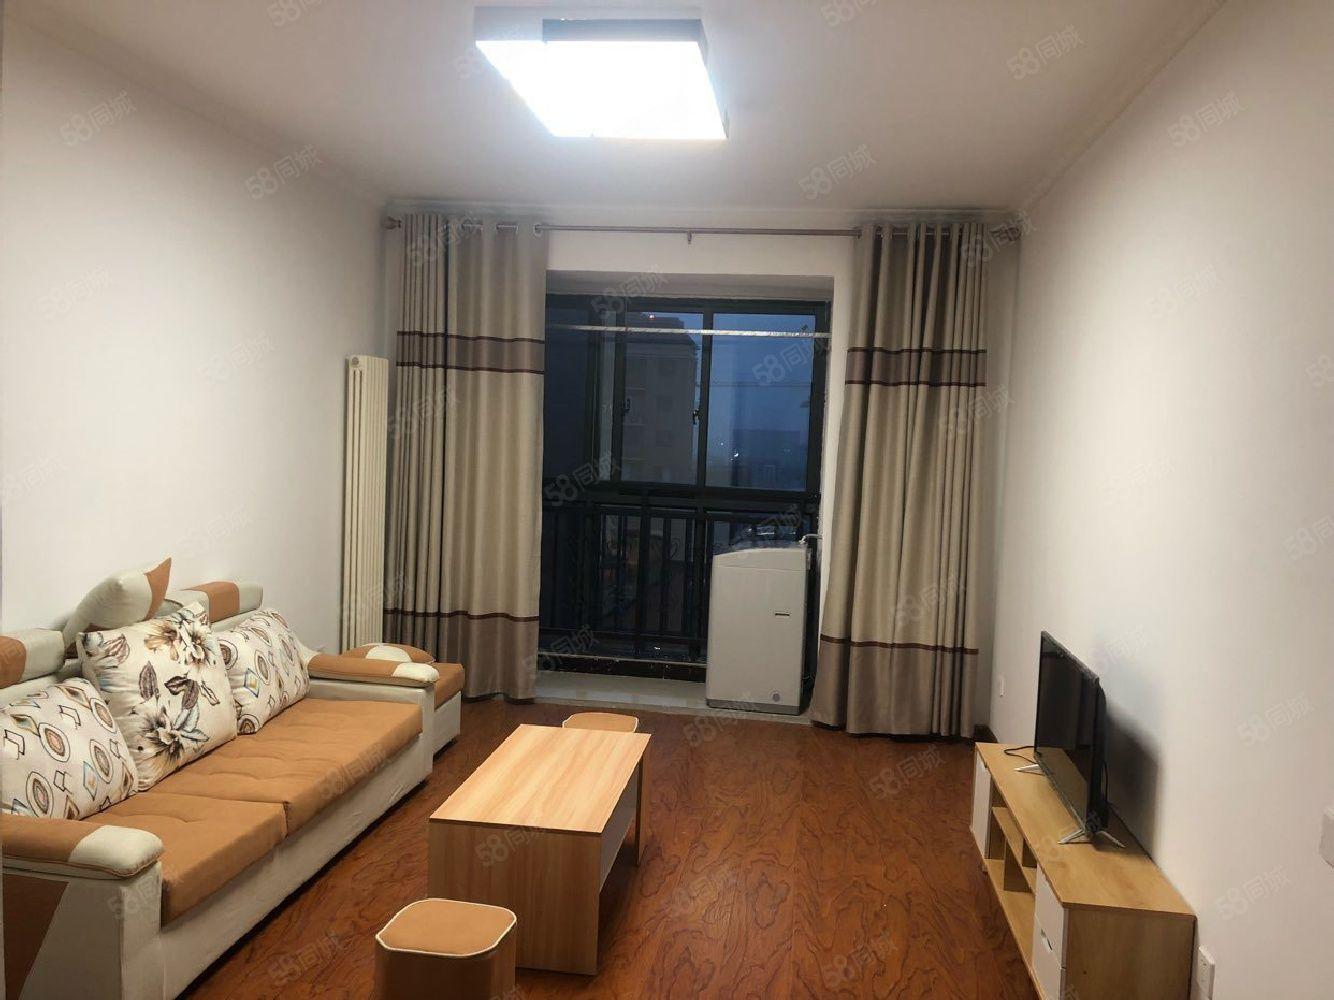 白鹭源2室2厅1卫白鹭源2室2厅1600元月中等